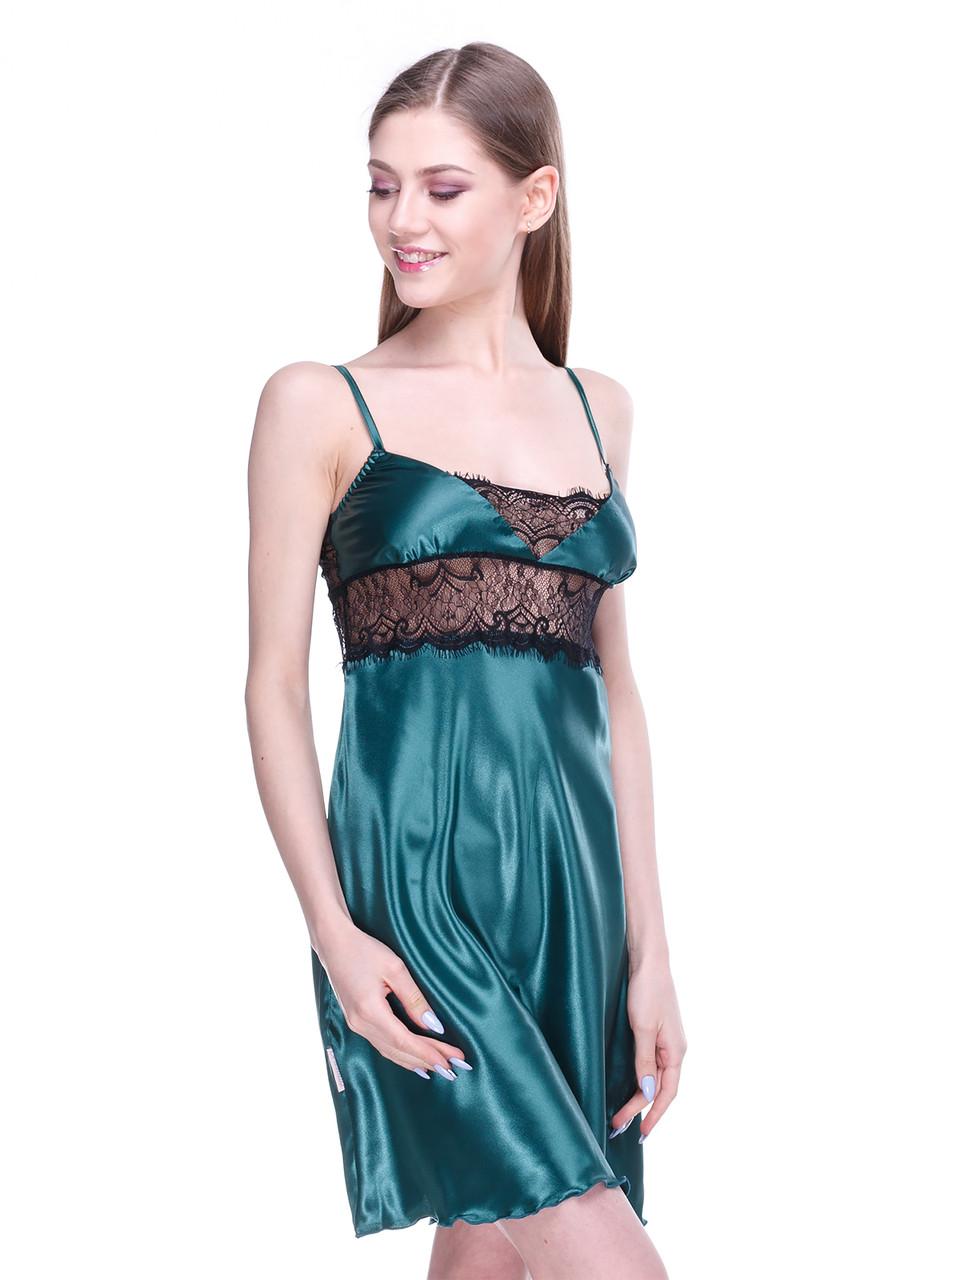 Сорочка Serenade стрейч атлас зеленая с черным кружевом